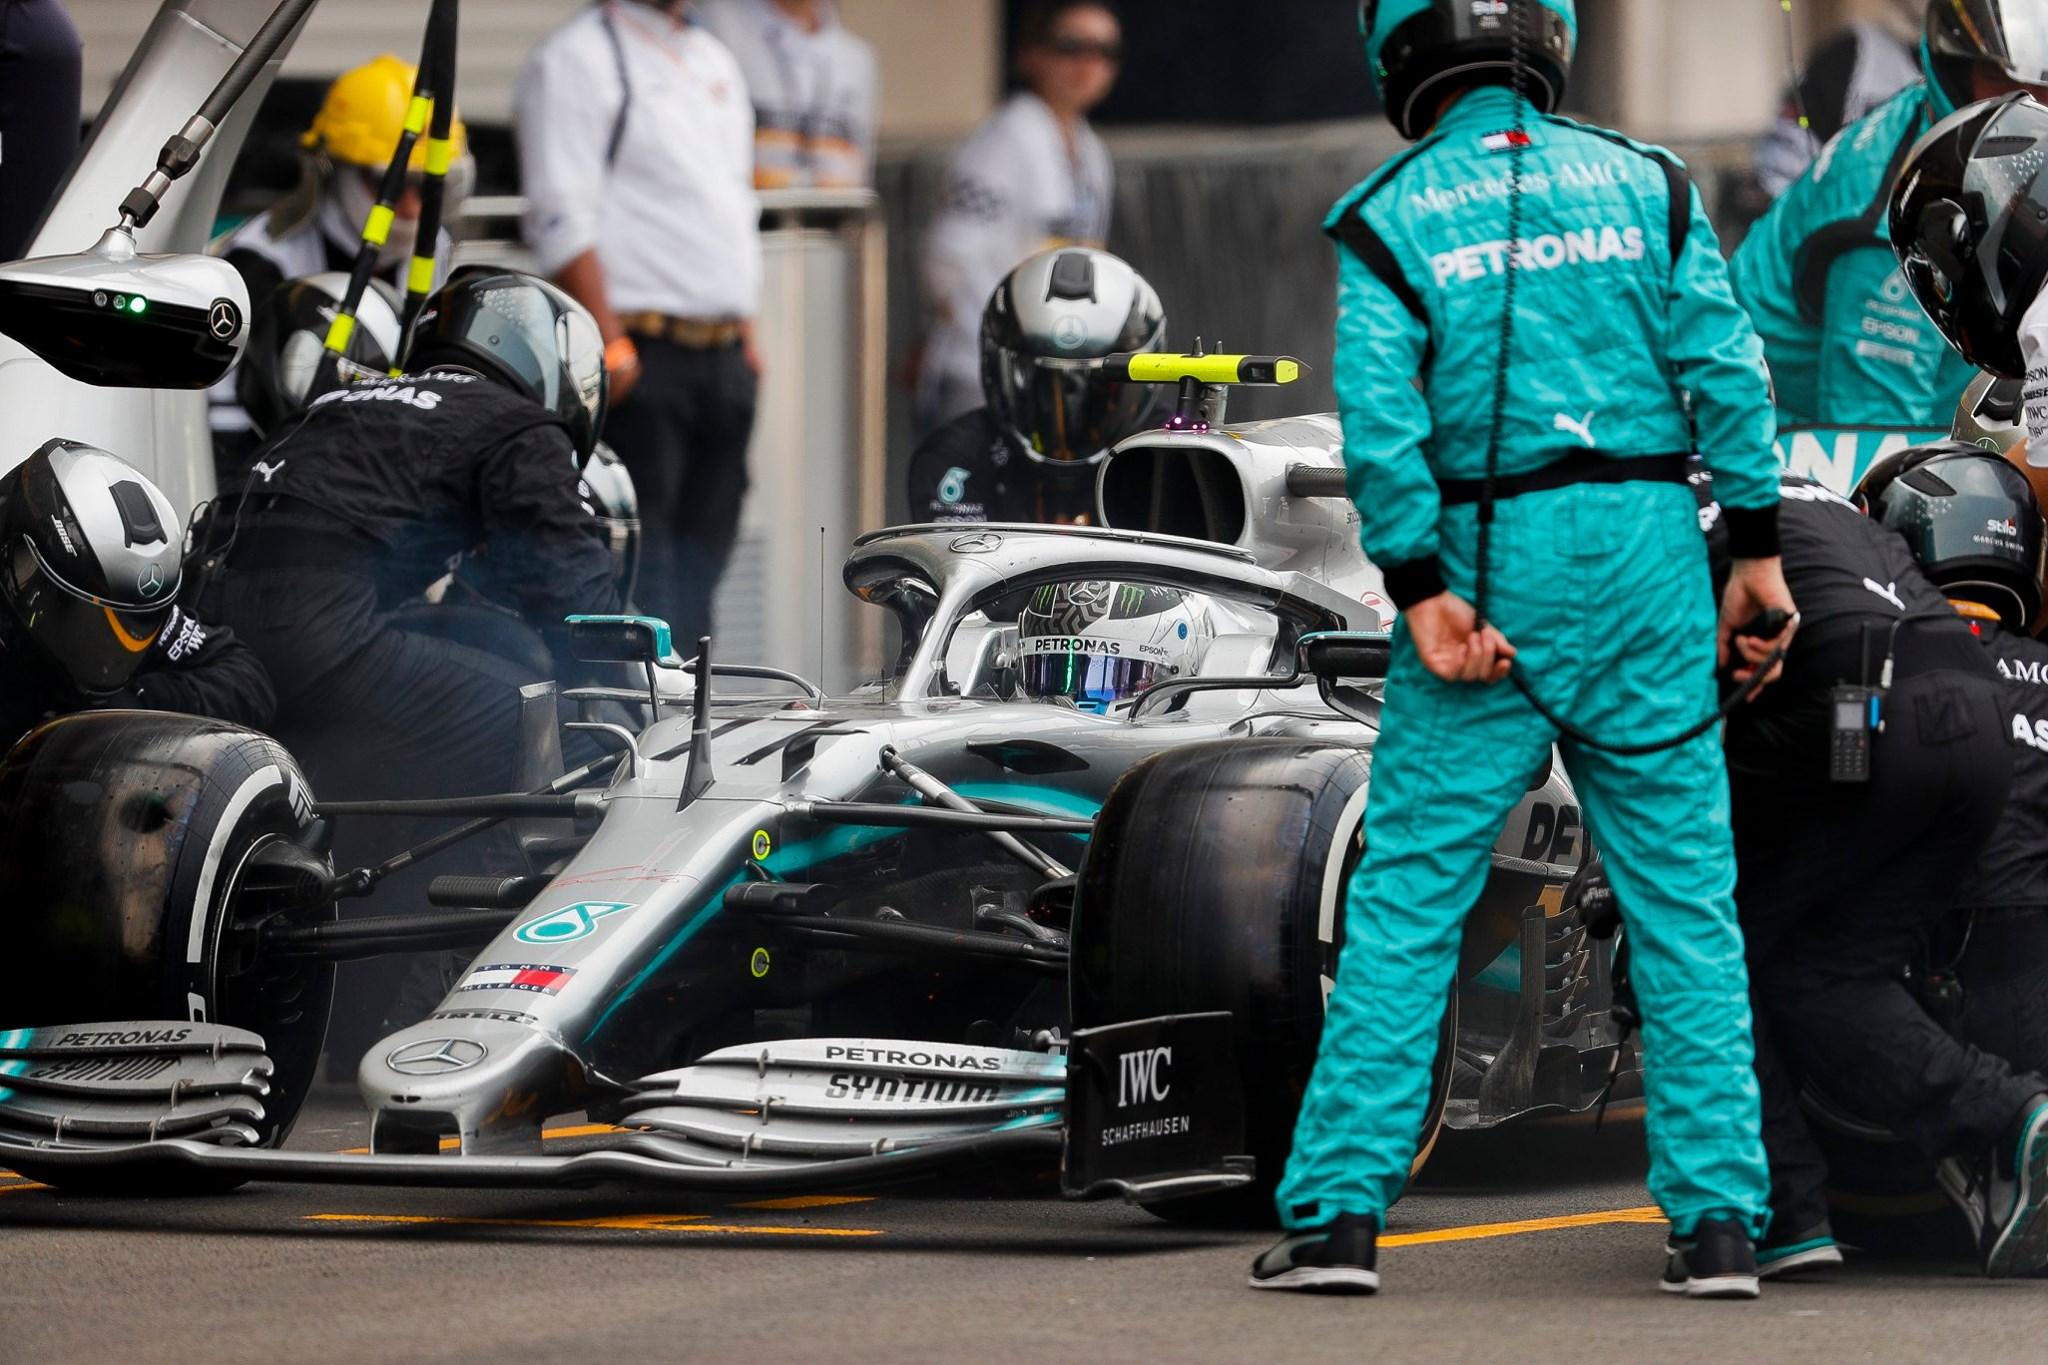 Innovaciones de la F1 que mejoran tu vida, ¡y no lo sabías!